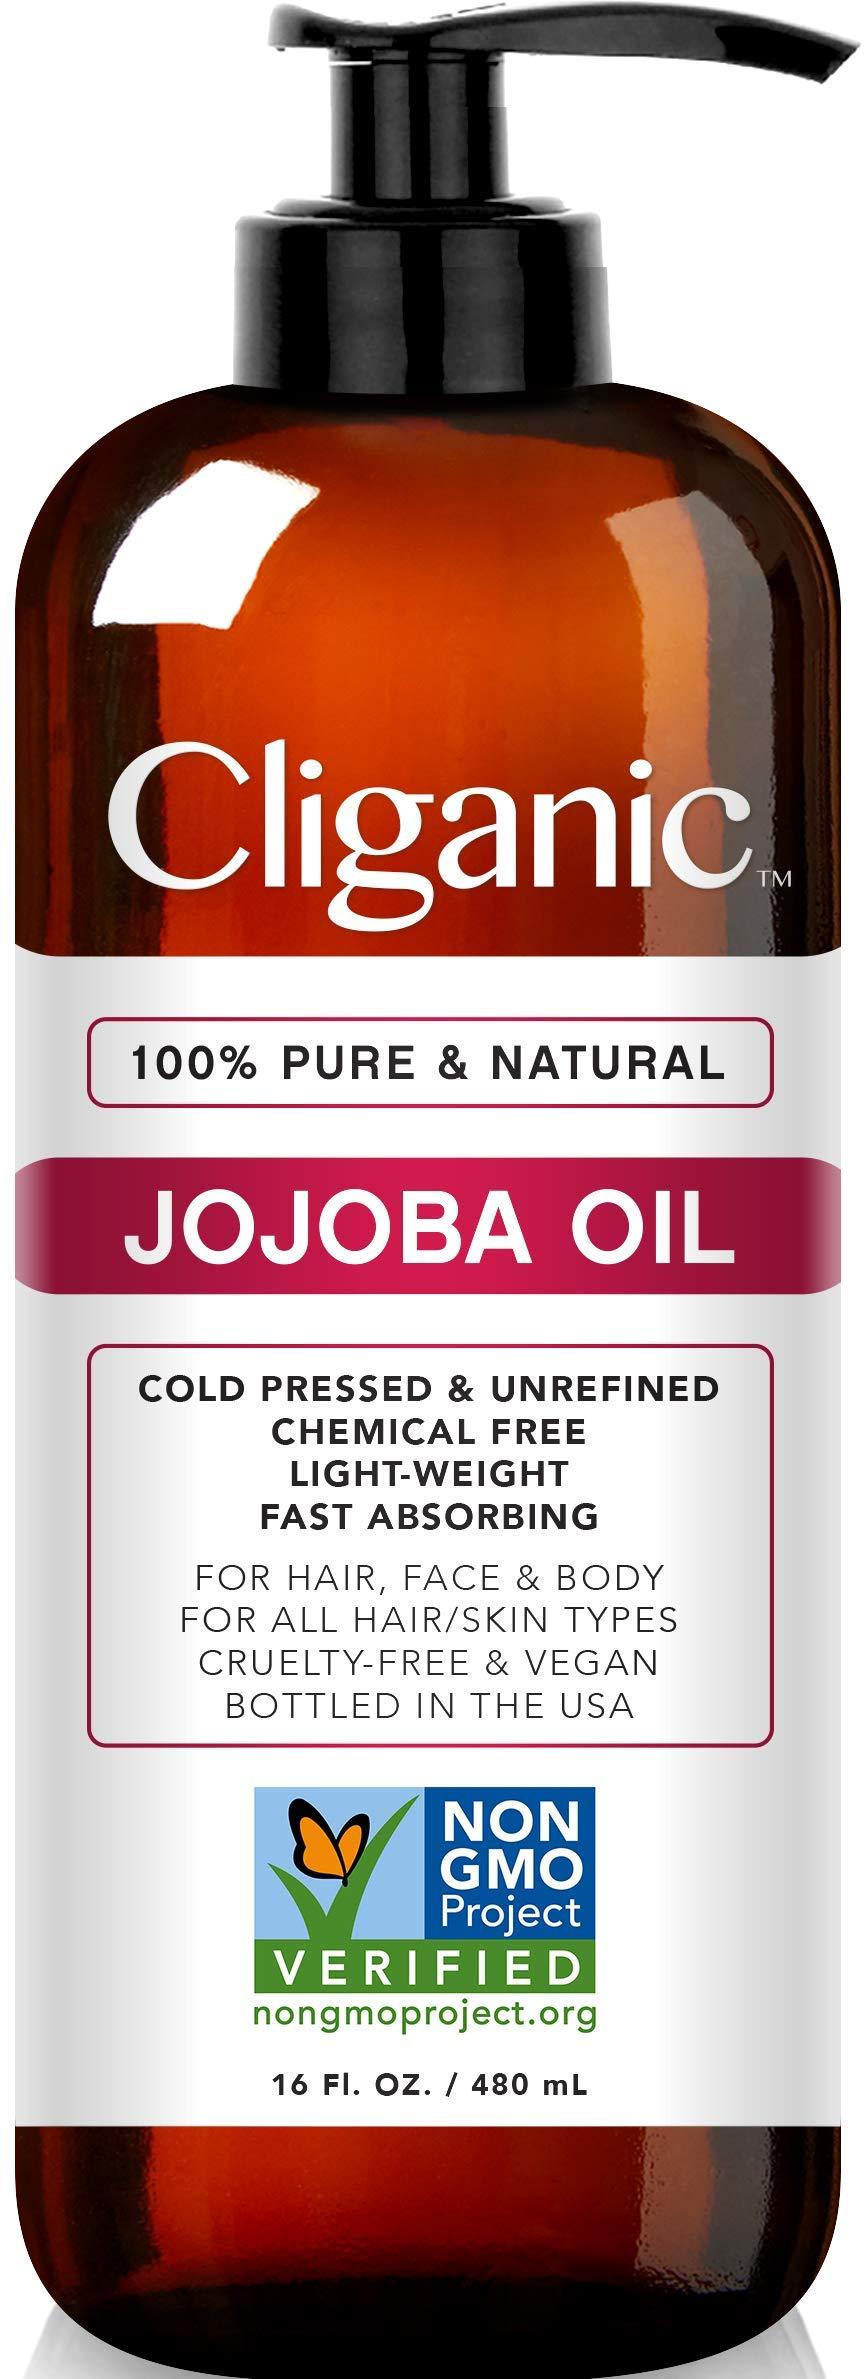 Cliganic Jojoba Oil Non-GMO, Bulk 16oz   100% Pure, Natural Cold Pressed Unrefined Hexane Free Oil for Hair & Face